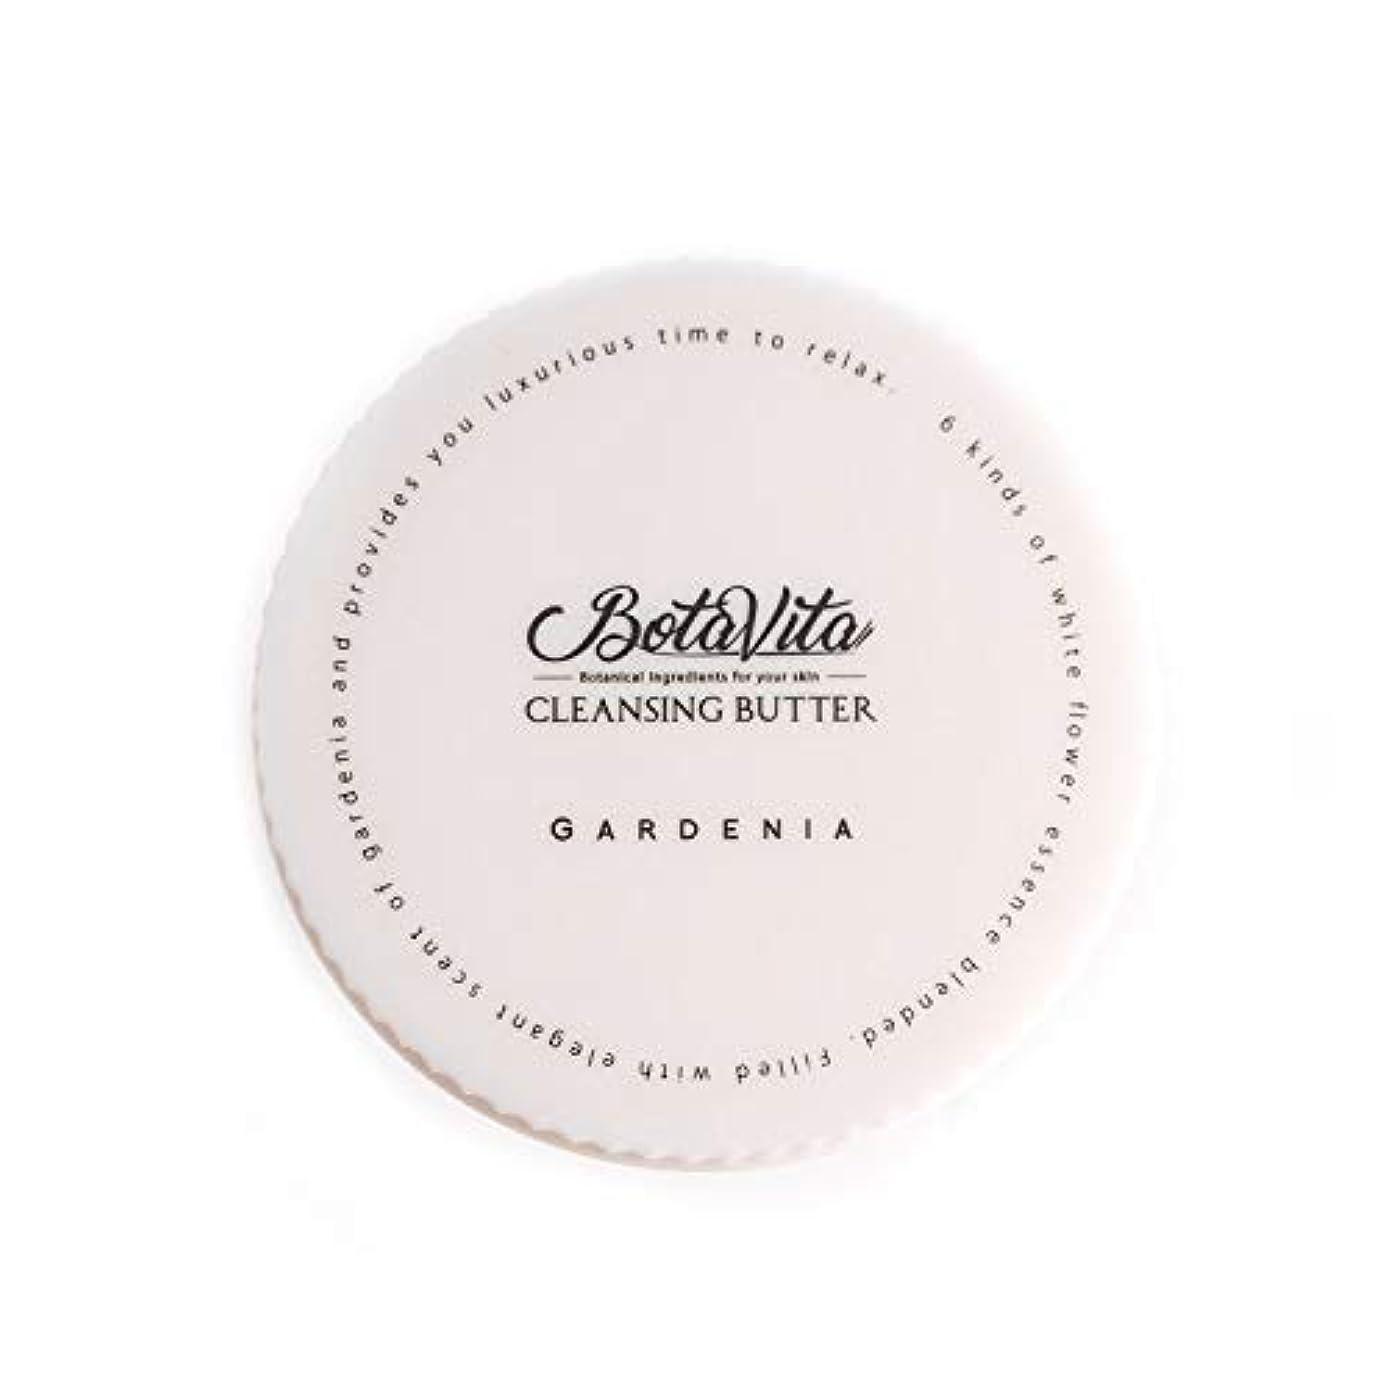 クルーの間に仲間BotaVita ボタヴィータ クレンジングバター <ガーデニア> 80g ダブル洗顔不要 マツエク対応 保湿ケア 毛穴汚れオフ